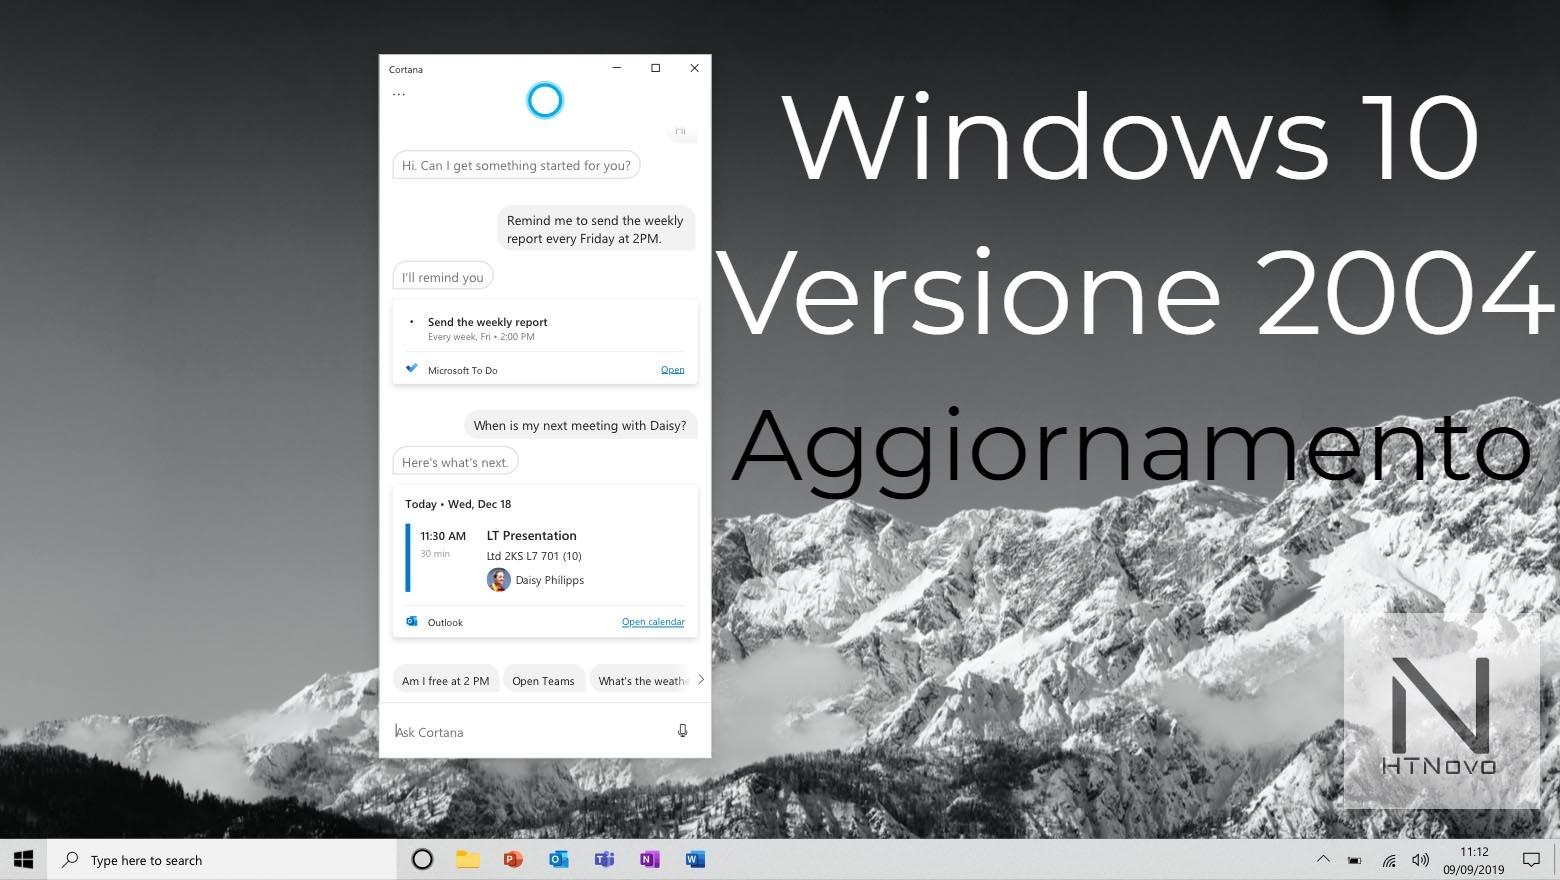 Come installare subito Windows 10 Versione 2004